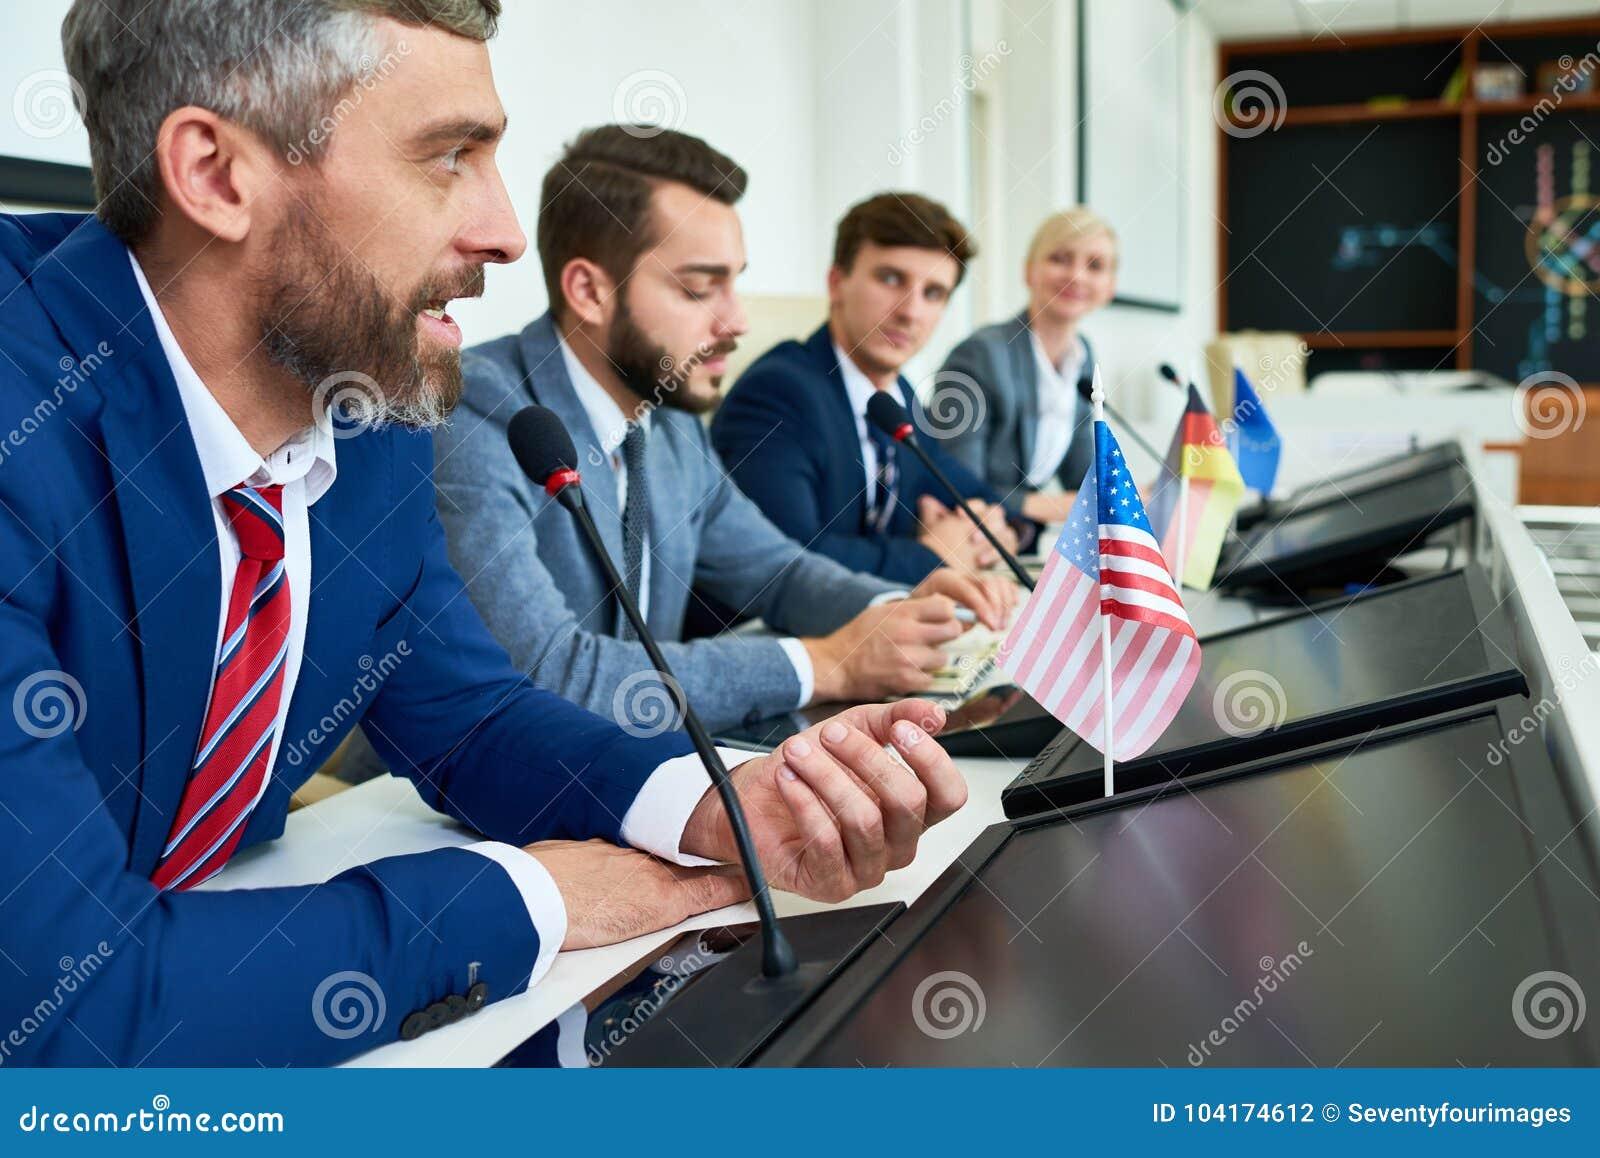 Homme d affaires mûr dans la conférence de presse politique